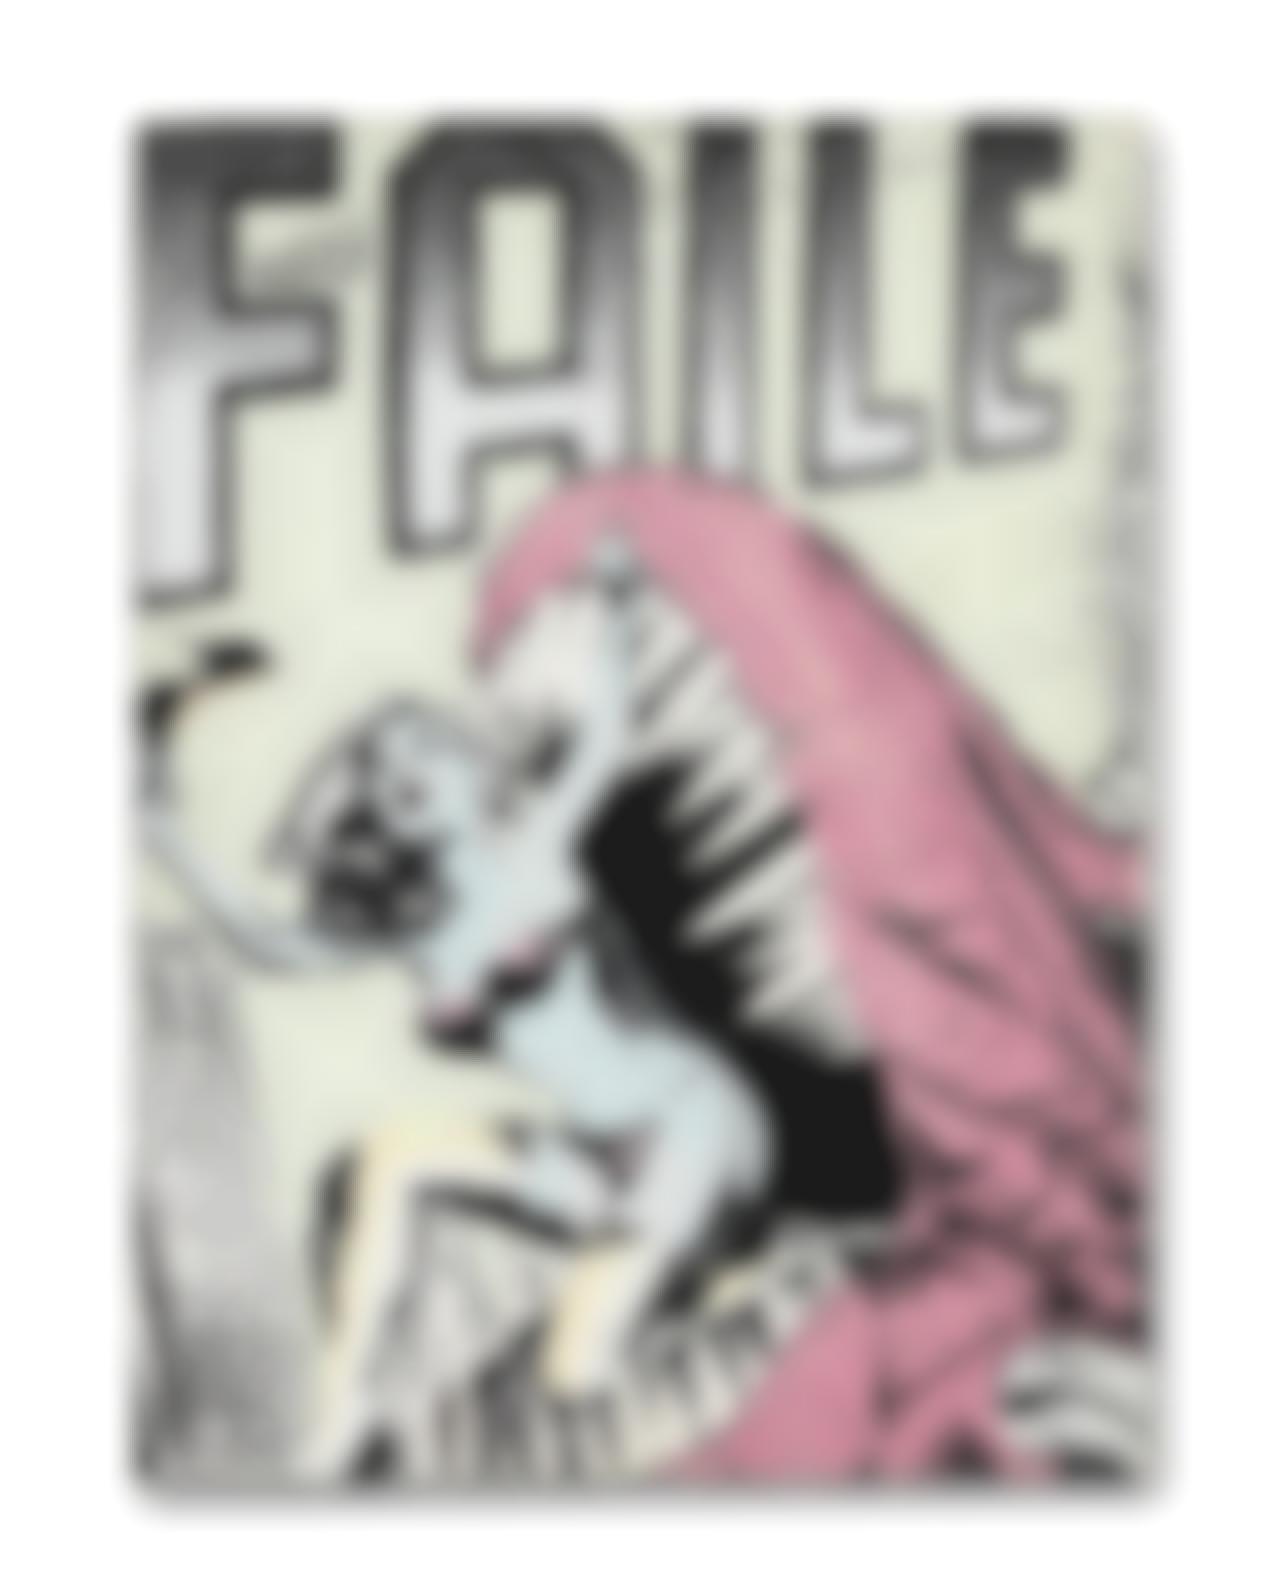 Faile-Puzzle Box-2011